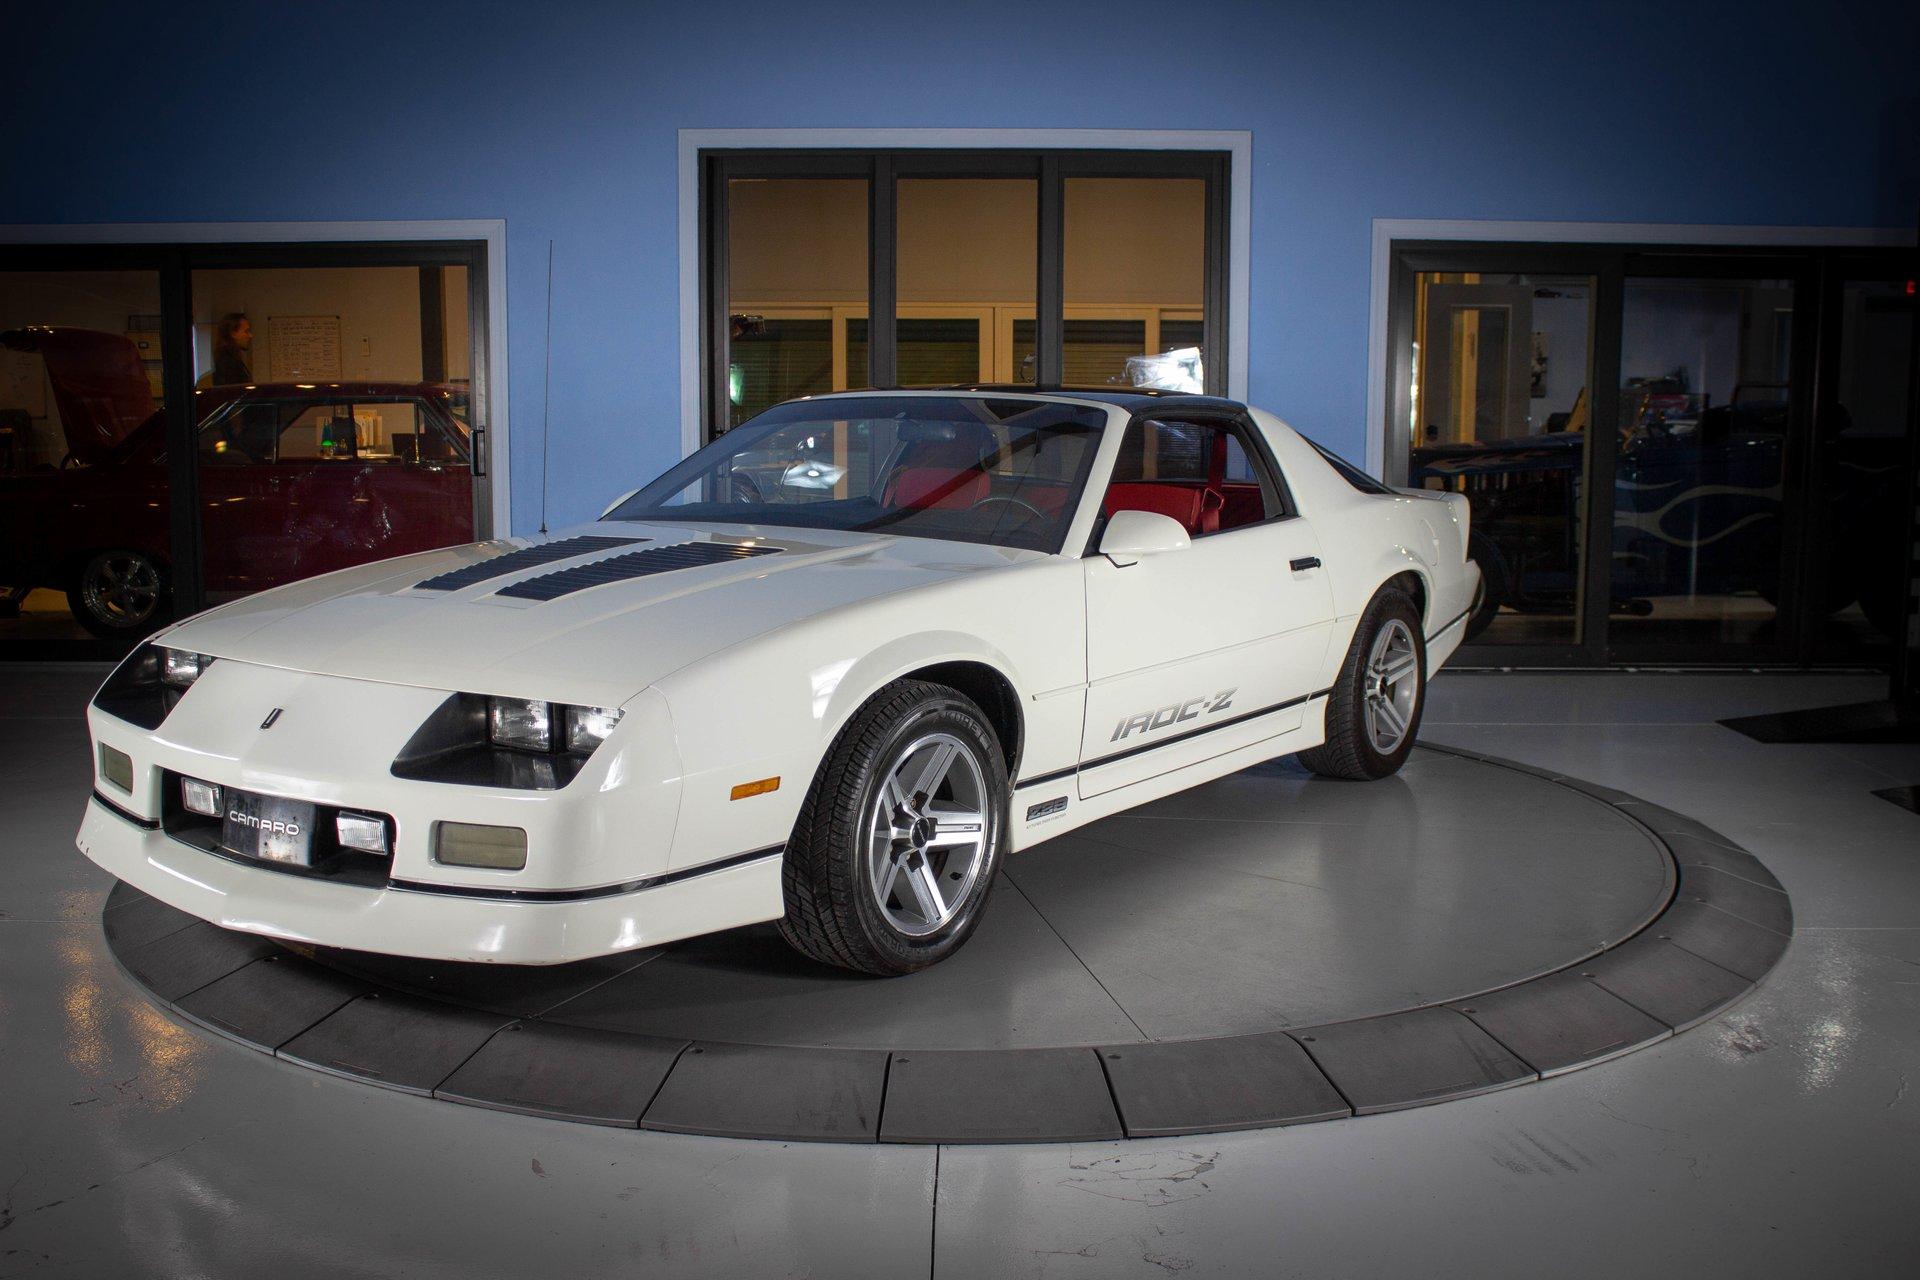 1987 chevrolet camaro z28